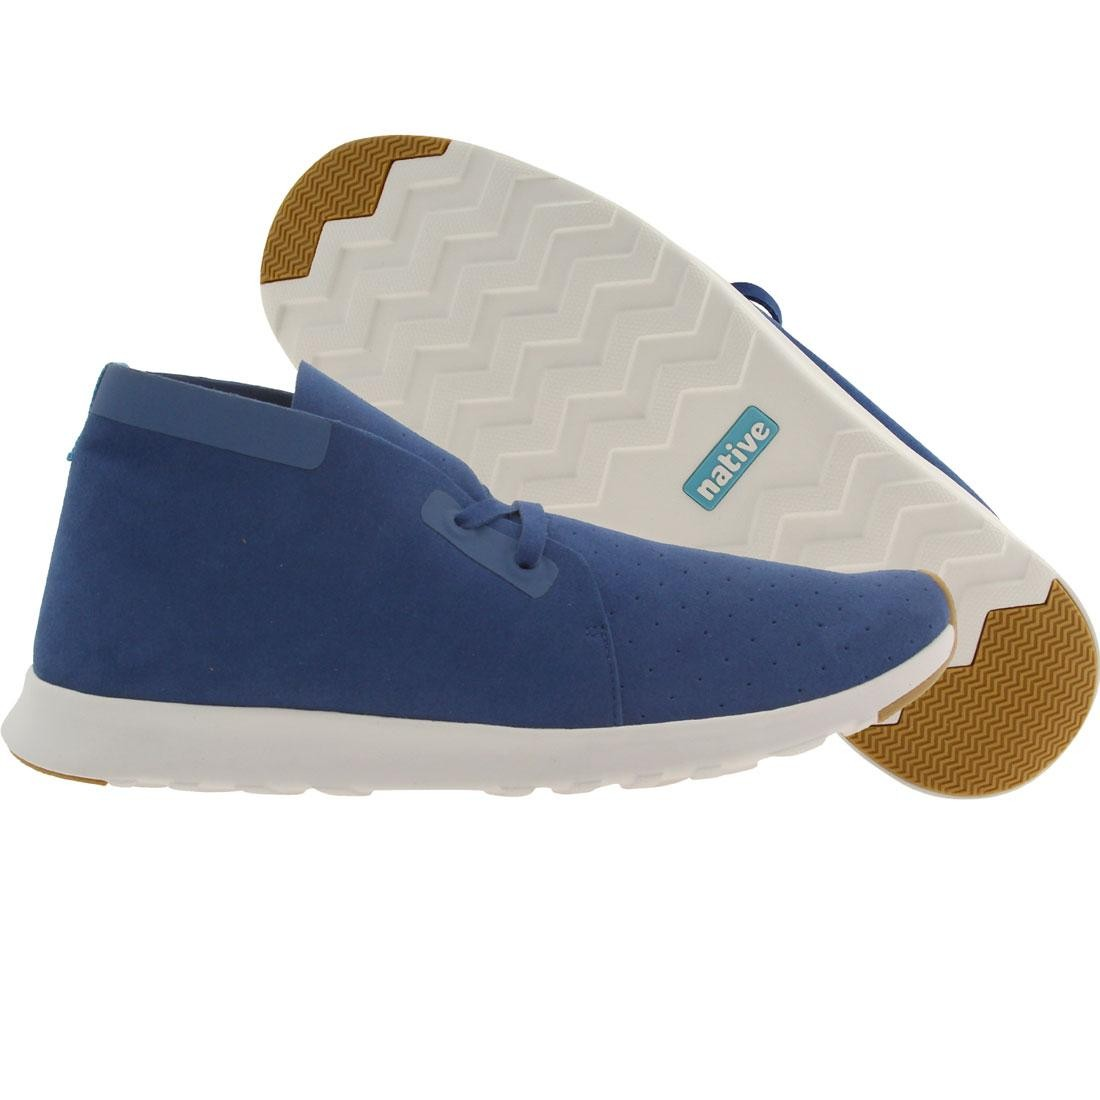 【海外限定】ネイティブ チャッカ シェル スニーカー メンズ靴 【 SHELL NATIVE MEN APOLLO CHUKKA BLUE VICTORIA WHITE 】